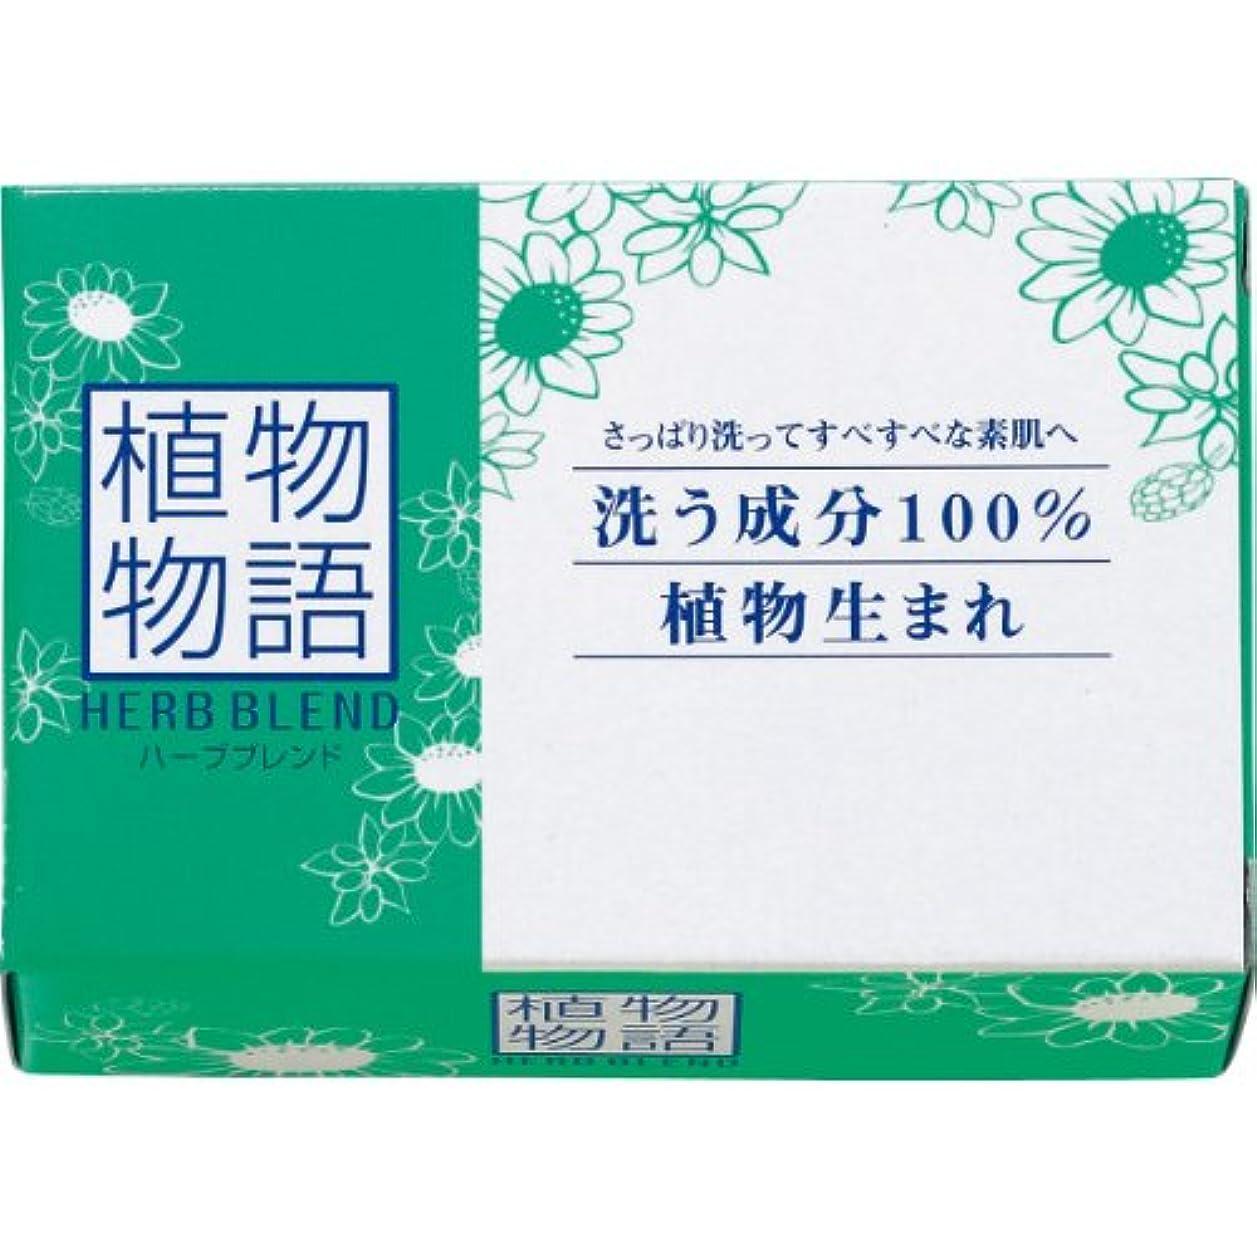 責任中毒キャスト【ライオン】植物物語ハーブブレンド 化粧石鹸 80g